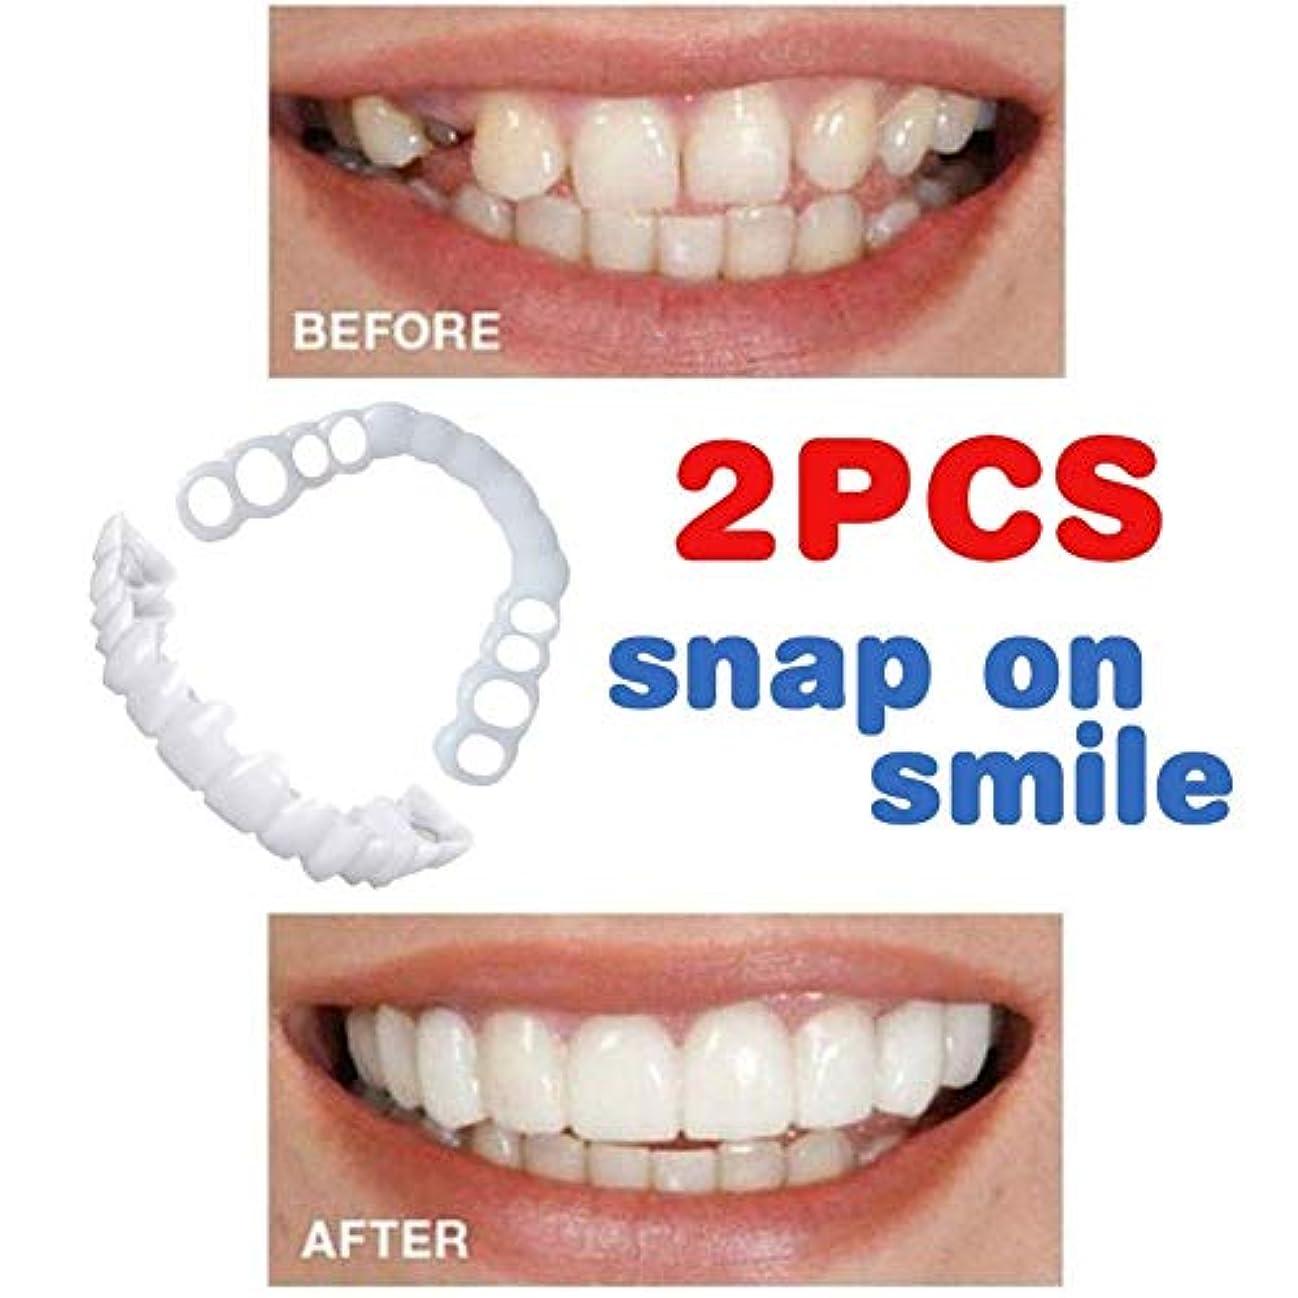 潜在的な個性人里離れた完璧な笑顔ホワイトニング義歯フィットフレックス化粧品歯快適なベニアカバーデンタルケアアクセサリーベニア化粧品ベニア